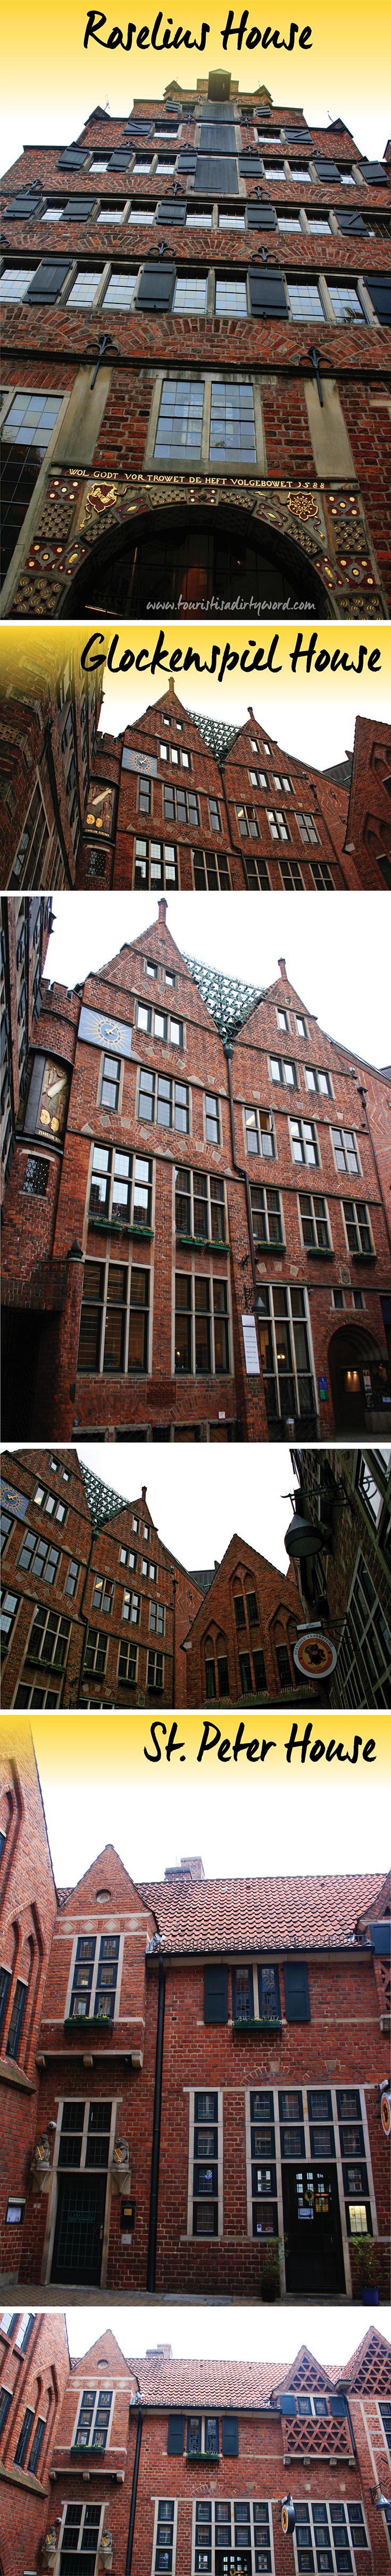 Strolling Böttcherstrasse Bremen • Roselius House, Glockenspiel House & St. Peter House • Bremen, Germany